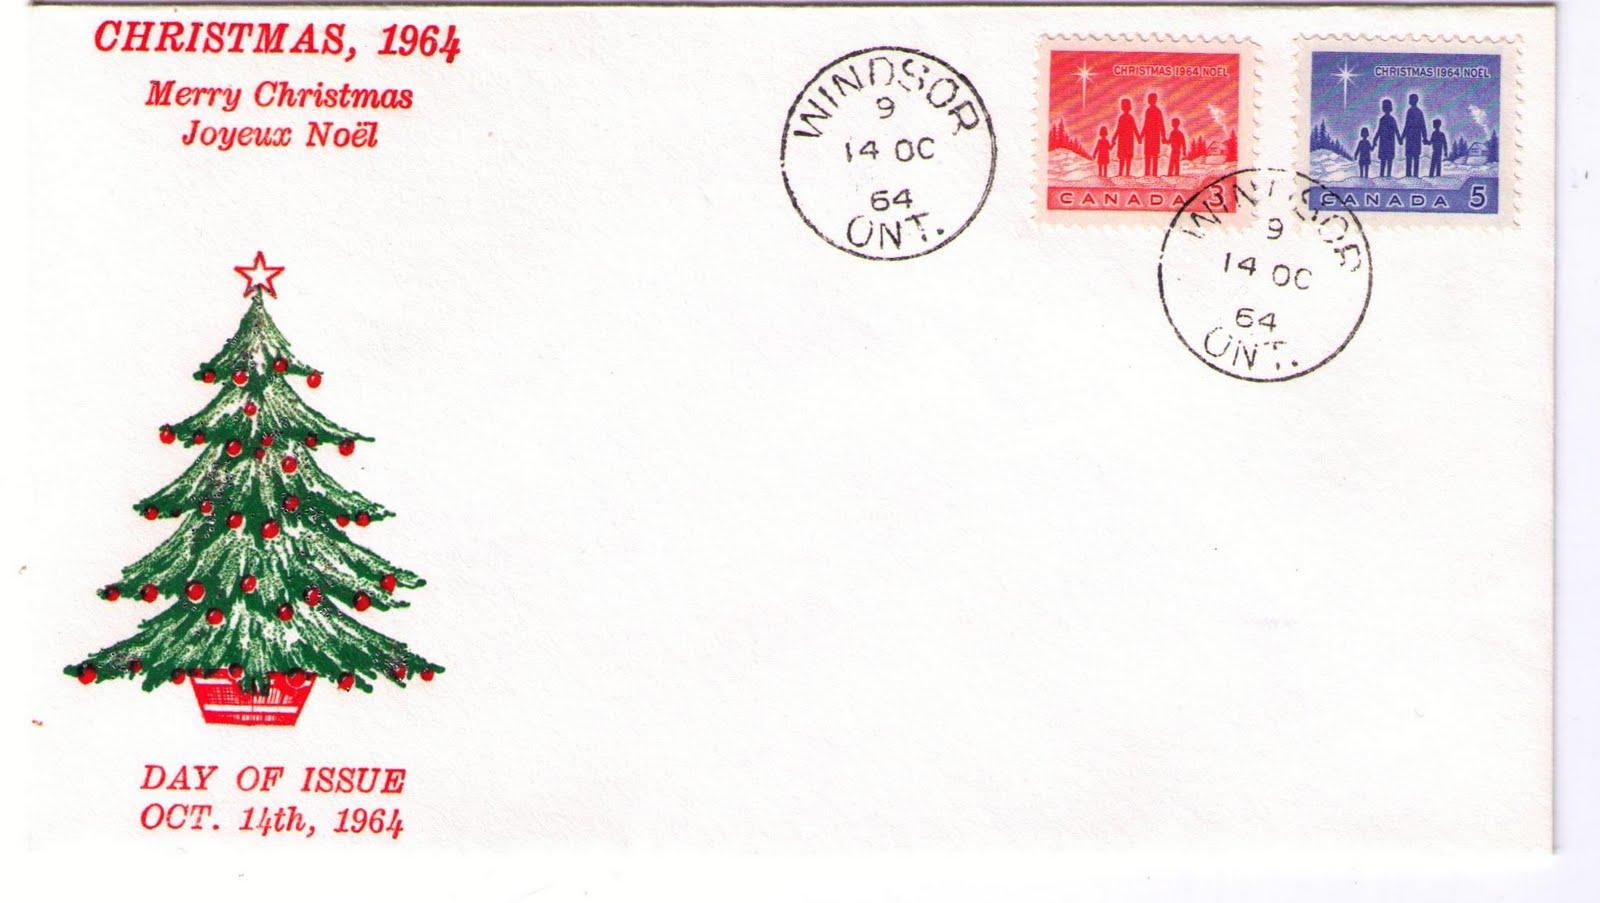 Postal History Corner: 1964 Christmas